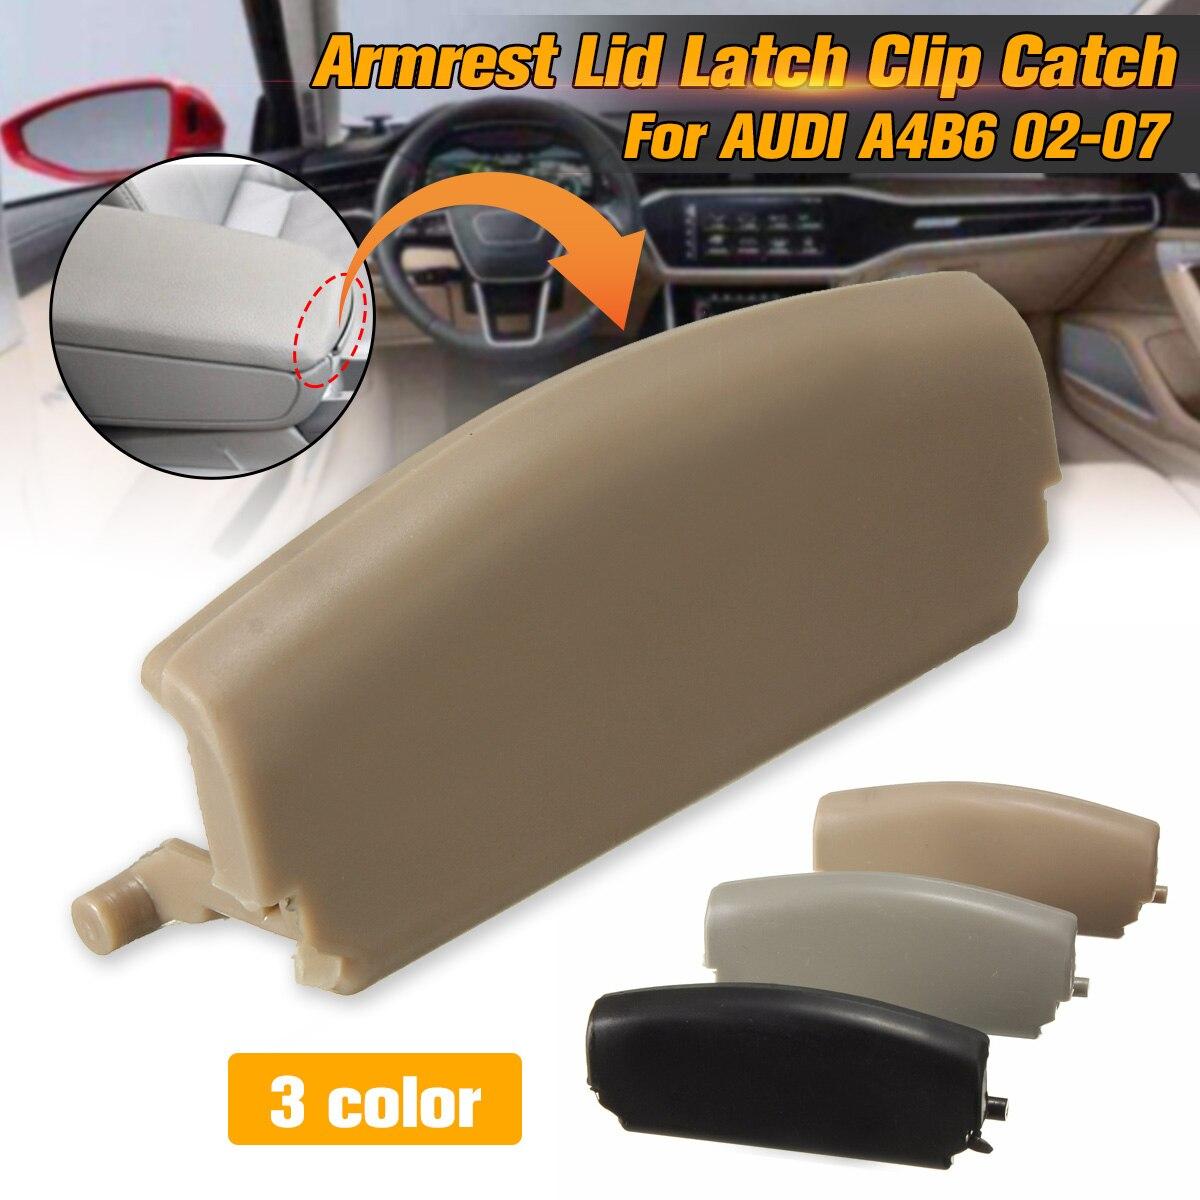 1PC Armrest Lid Latch Clip Catch For AUDI A4 B6 Centre Console Cover E177B Armrest Cover Latch Clips Car Auto Replacement Parts